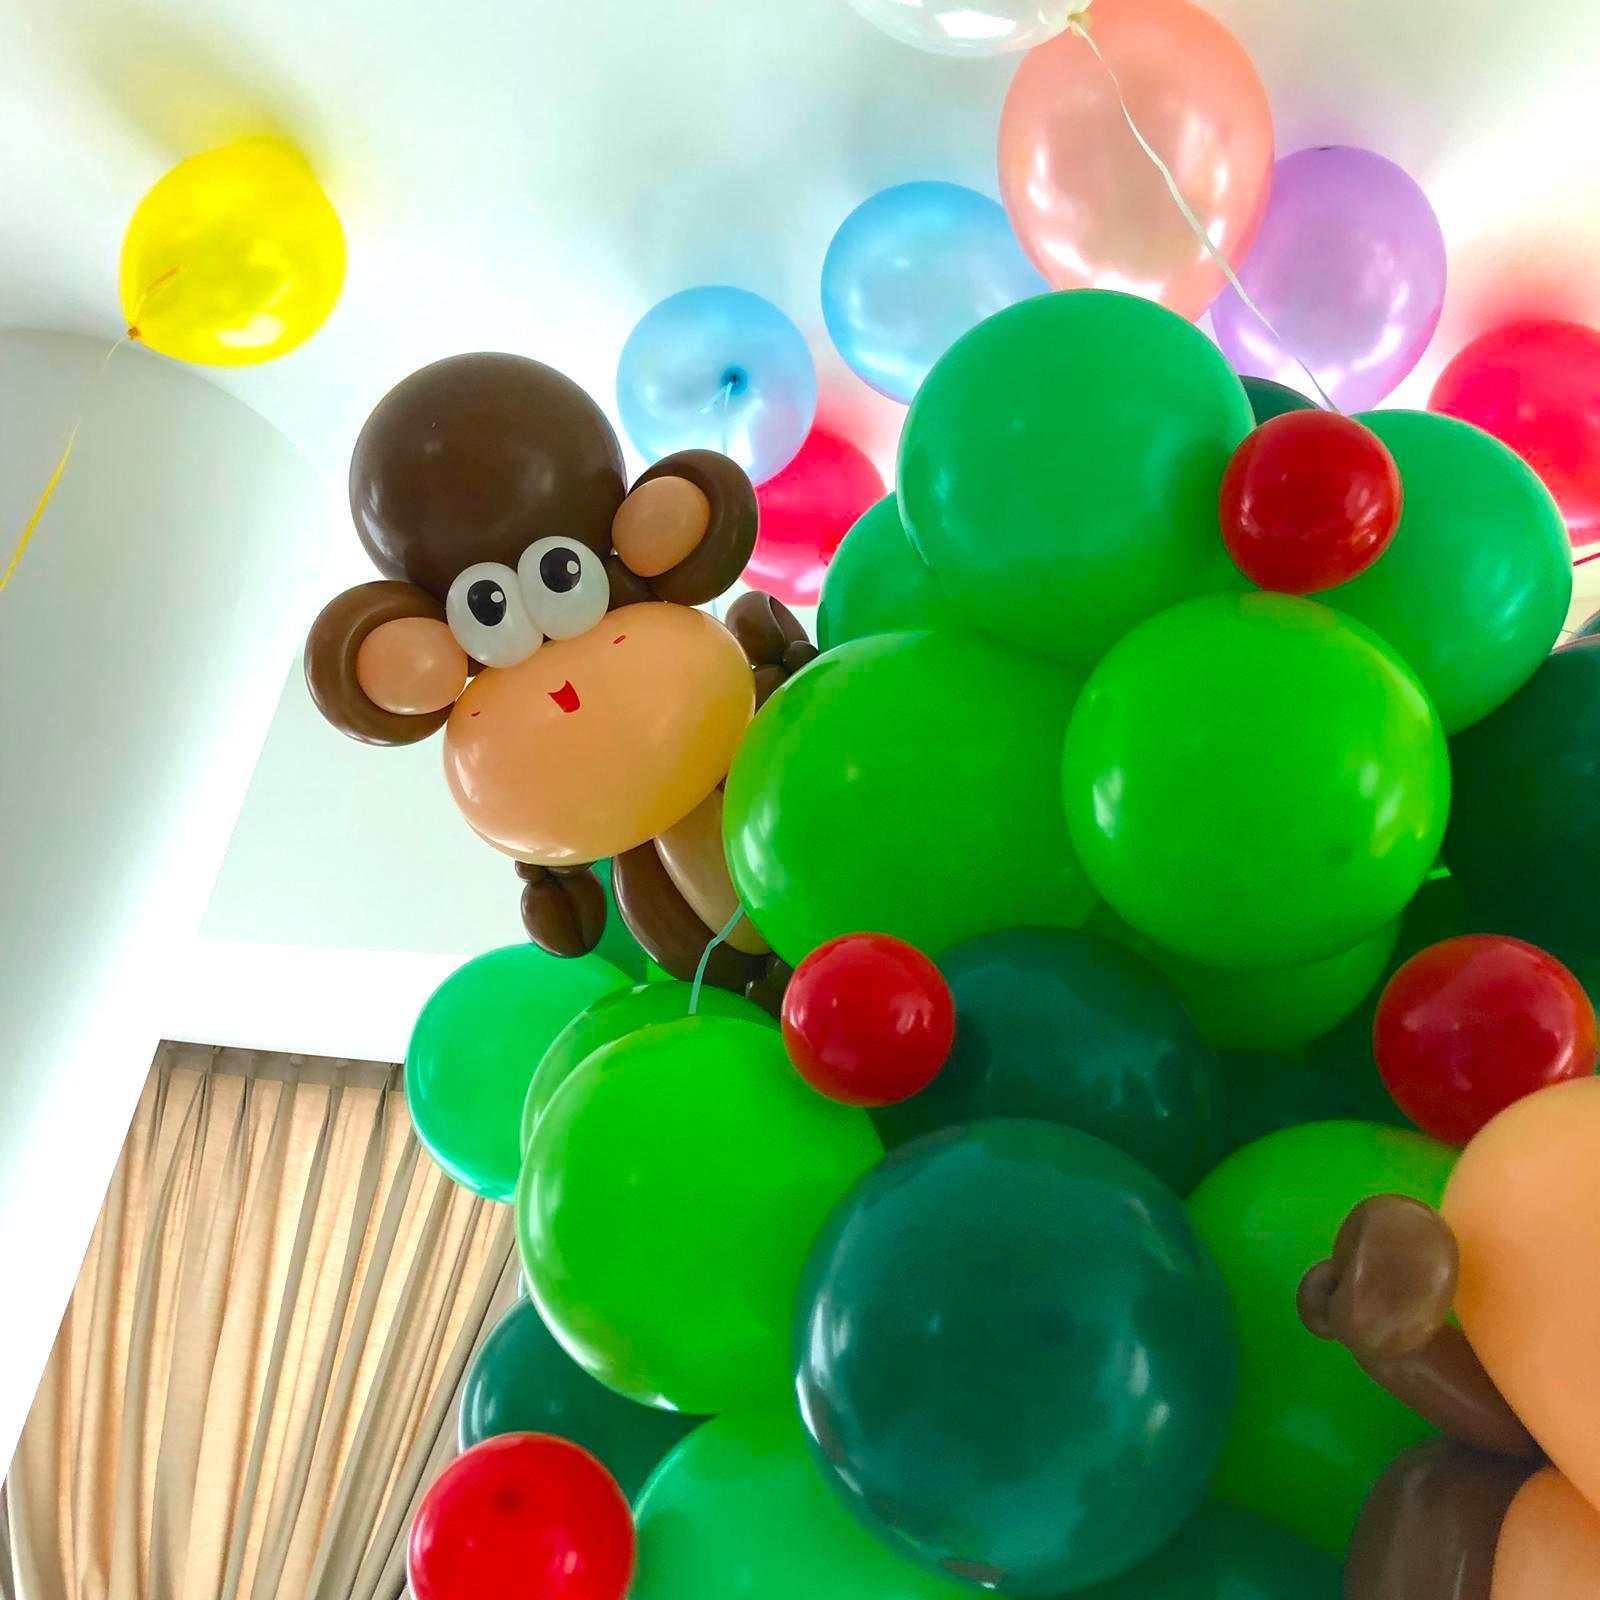 Balloon Monkey on Tree Decoration